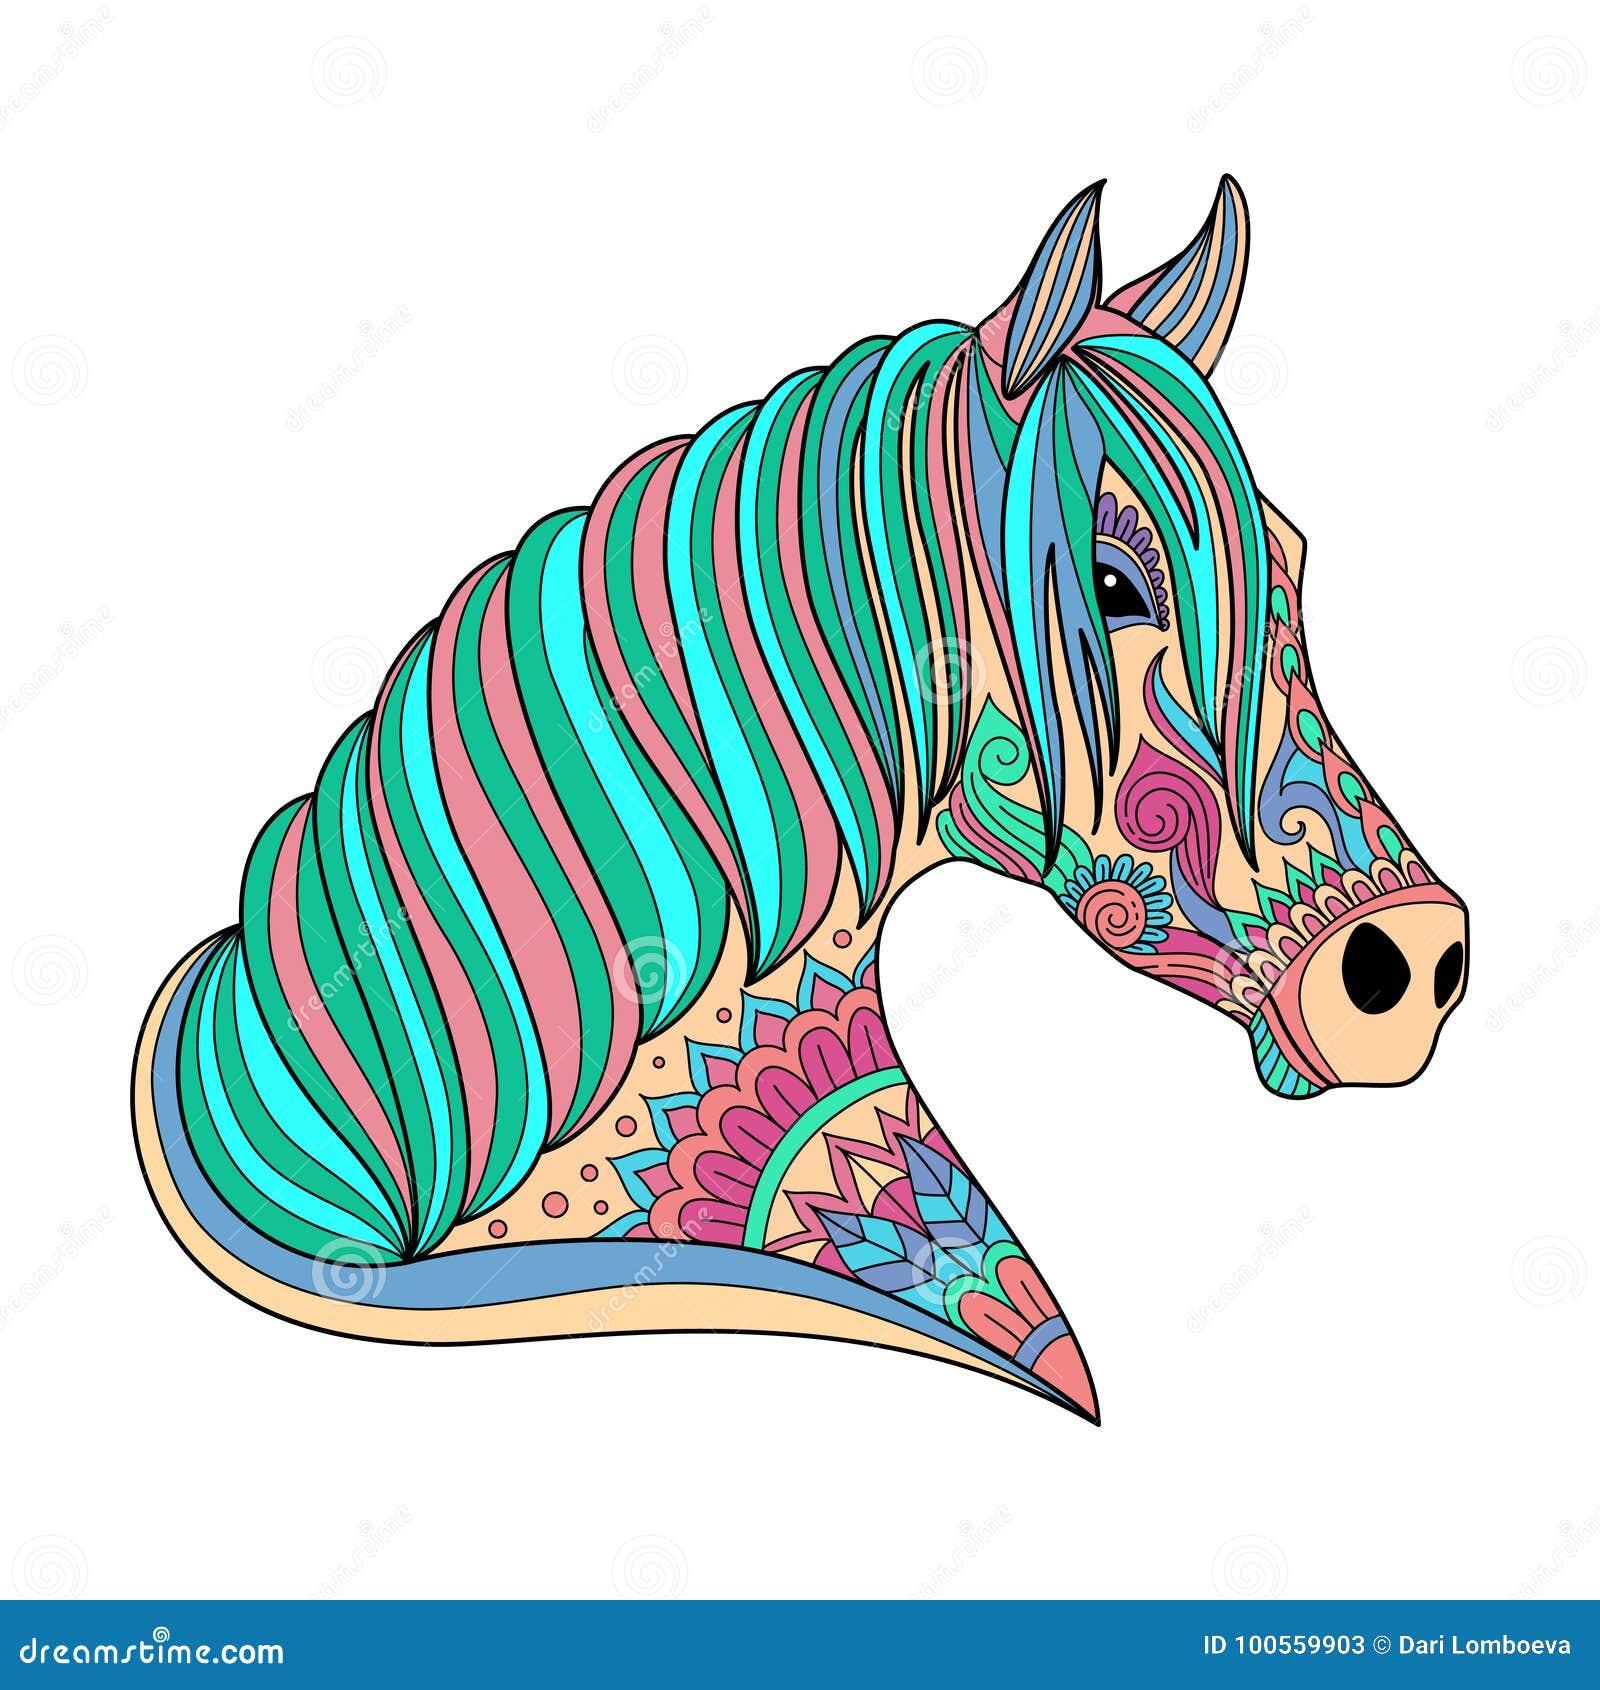 Stile stilizzato dello zentangle del cavallo del disegno for Disegno cavallo stilizzato